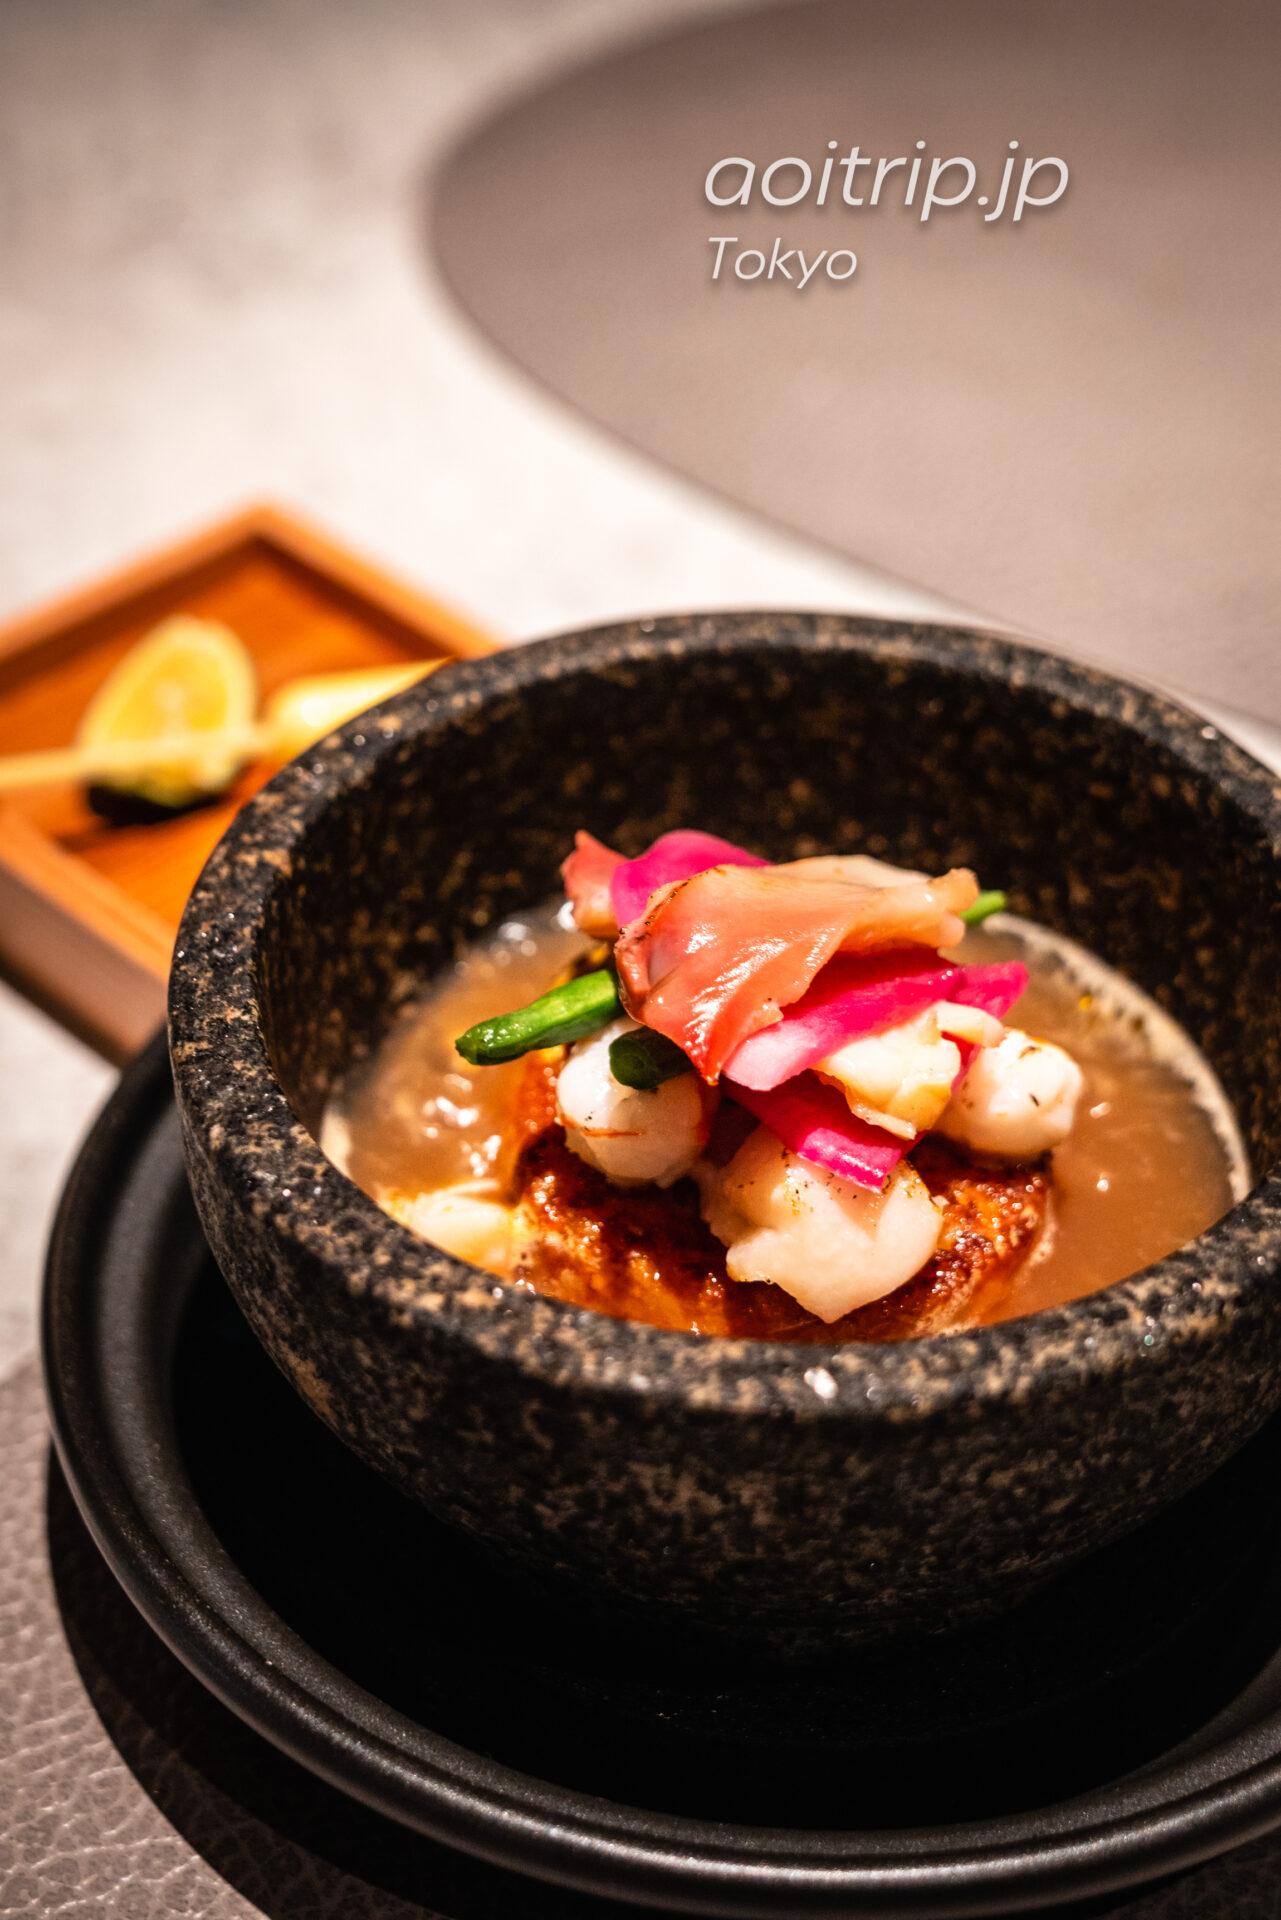 レストラン AC Kitchen 魚介類の石焼きパエリア 熱々魚介スープを注いでリゾット風に